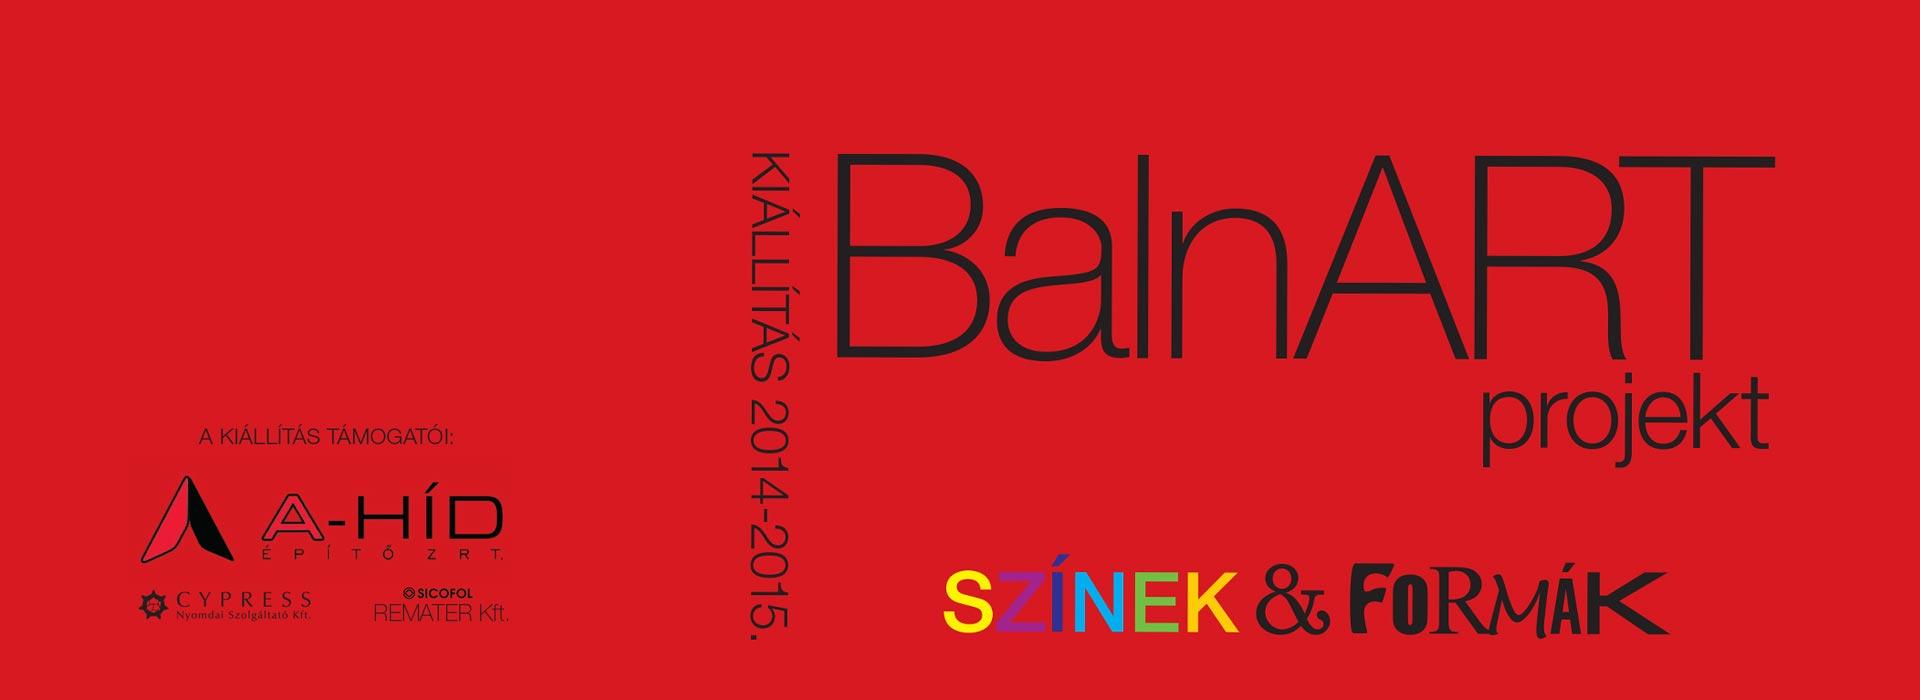 2014-balnart-uj-1920